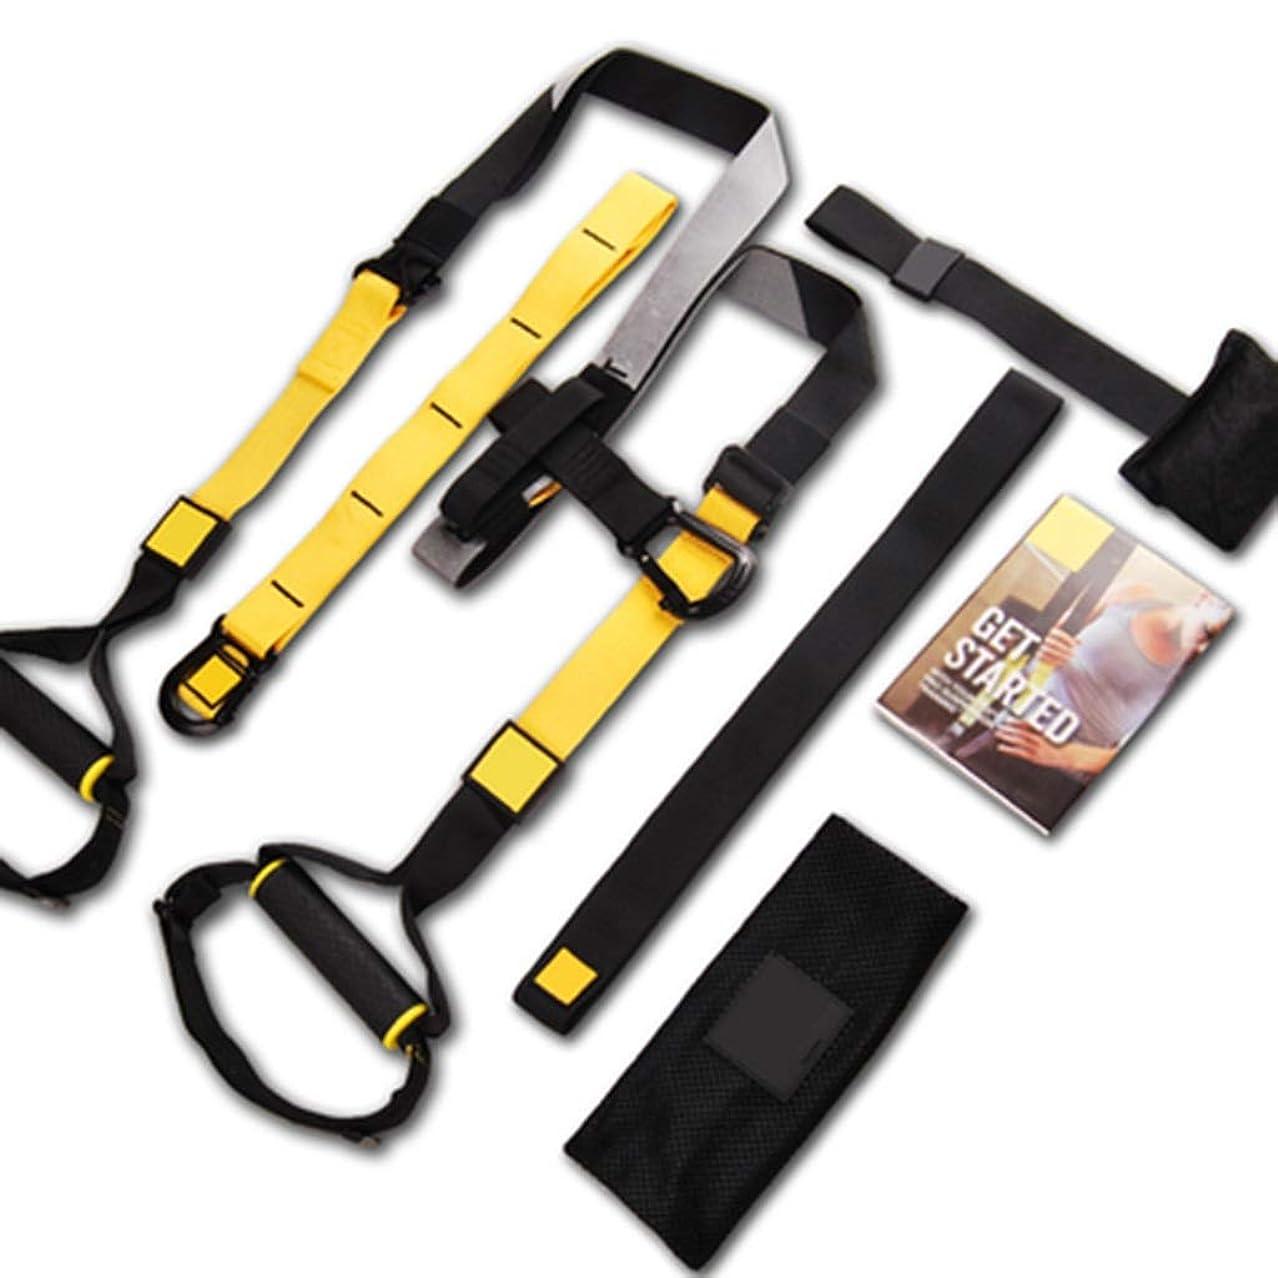 有益な検閲先祖吊り下げトレーニングベルトP7プルロープジム専用フィットネス機器 (色 : Suspension belt)